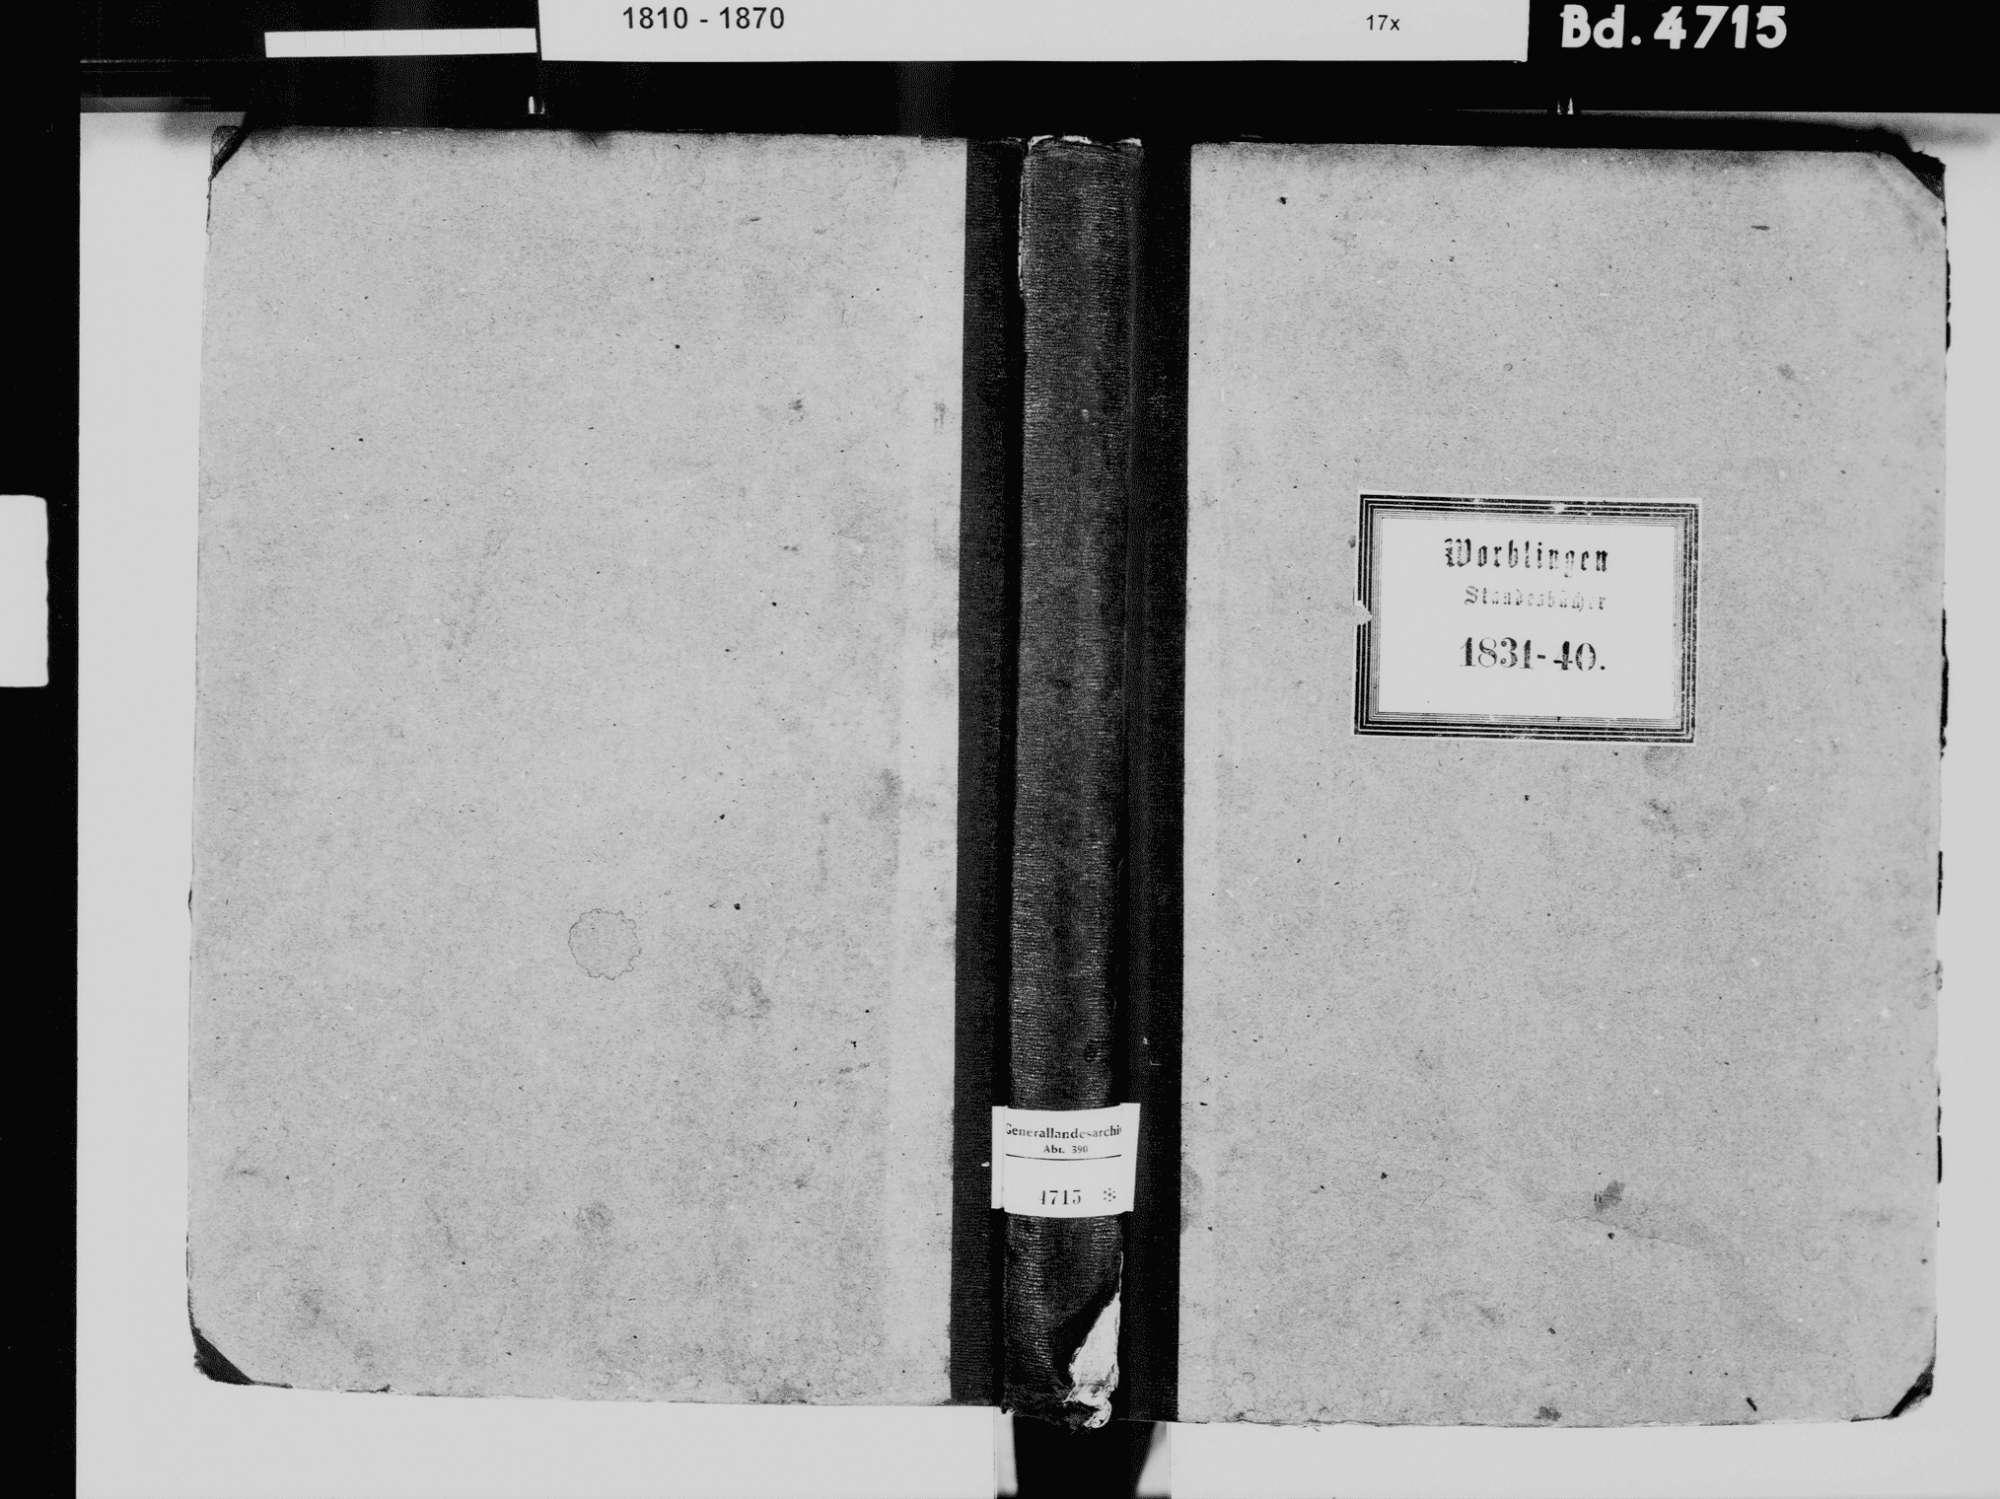 Worblingen, Rielasingen-Worblingen KN; Katholische Gemeinde: Standesbuch 1831-1840 Worblingen, Rielasingen-Worblingen KN; Israelitsche Gemeinde: Standesbuch 1831-1840, Bild 2